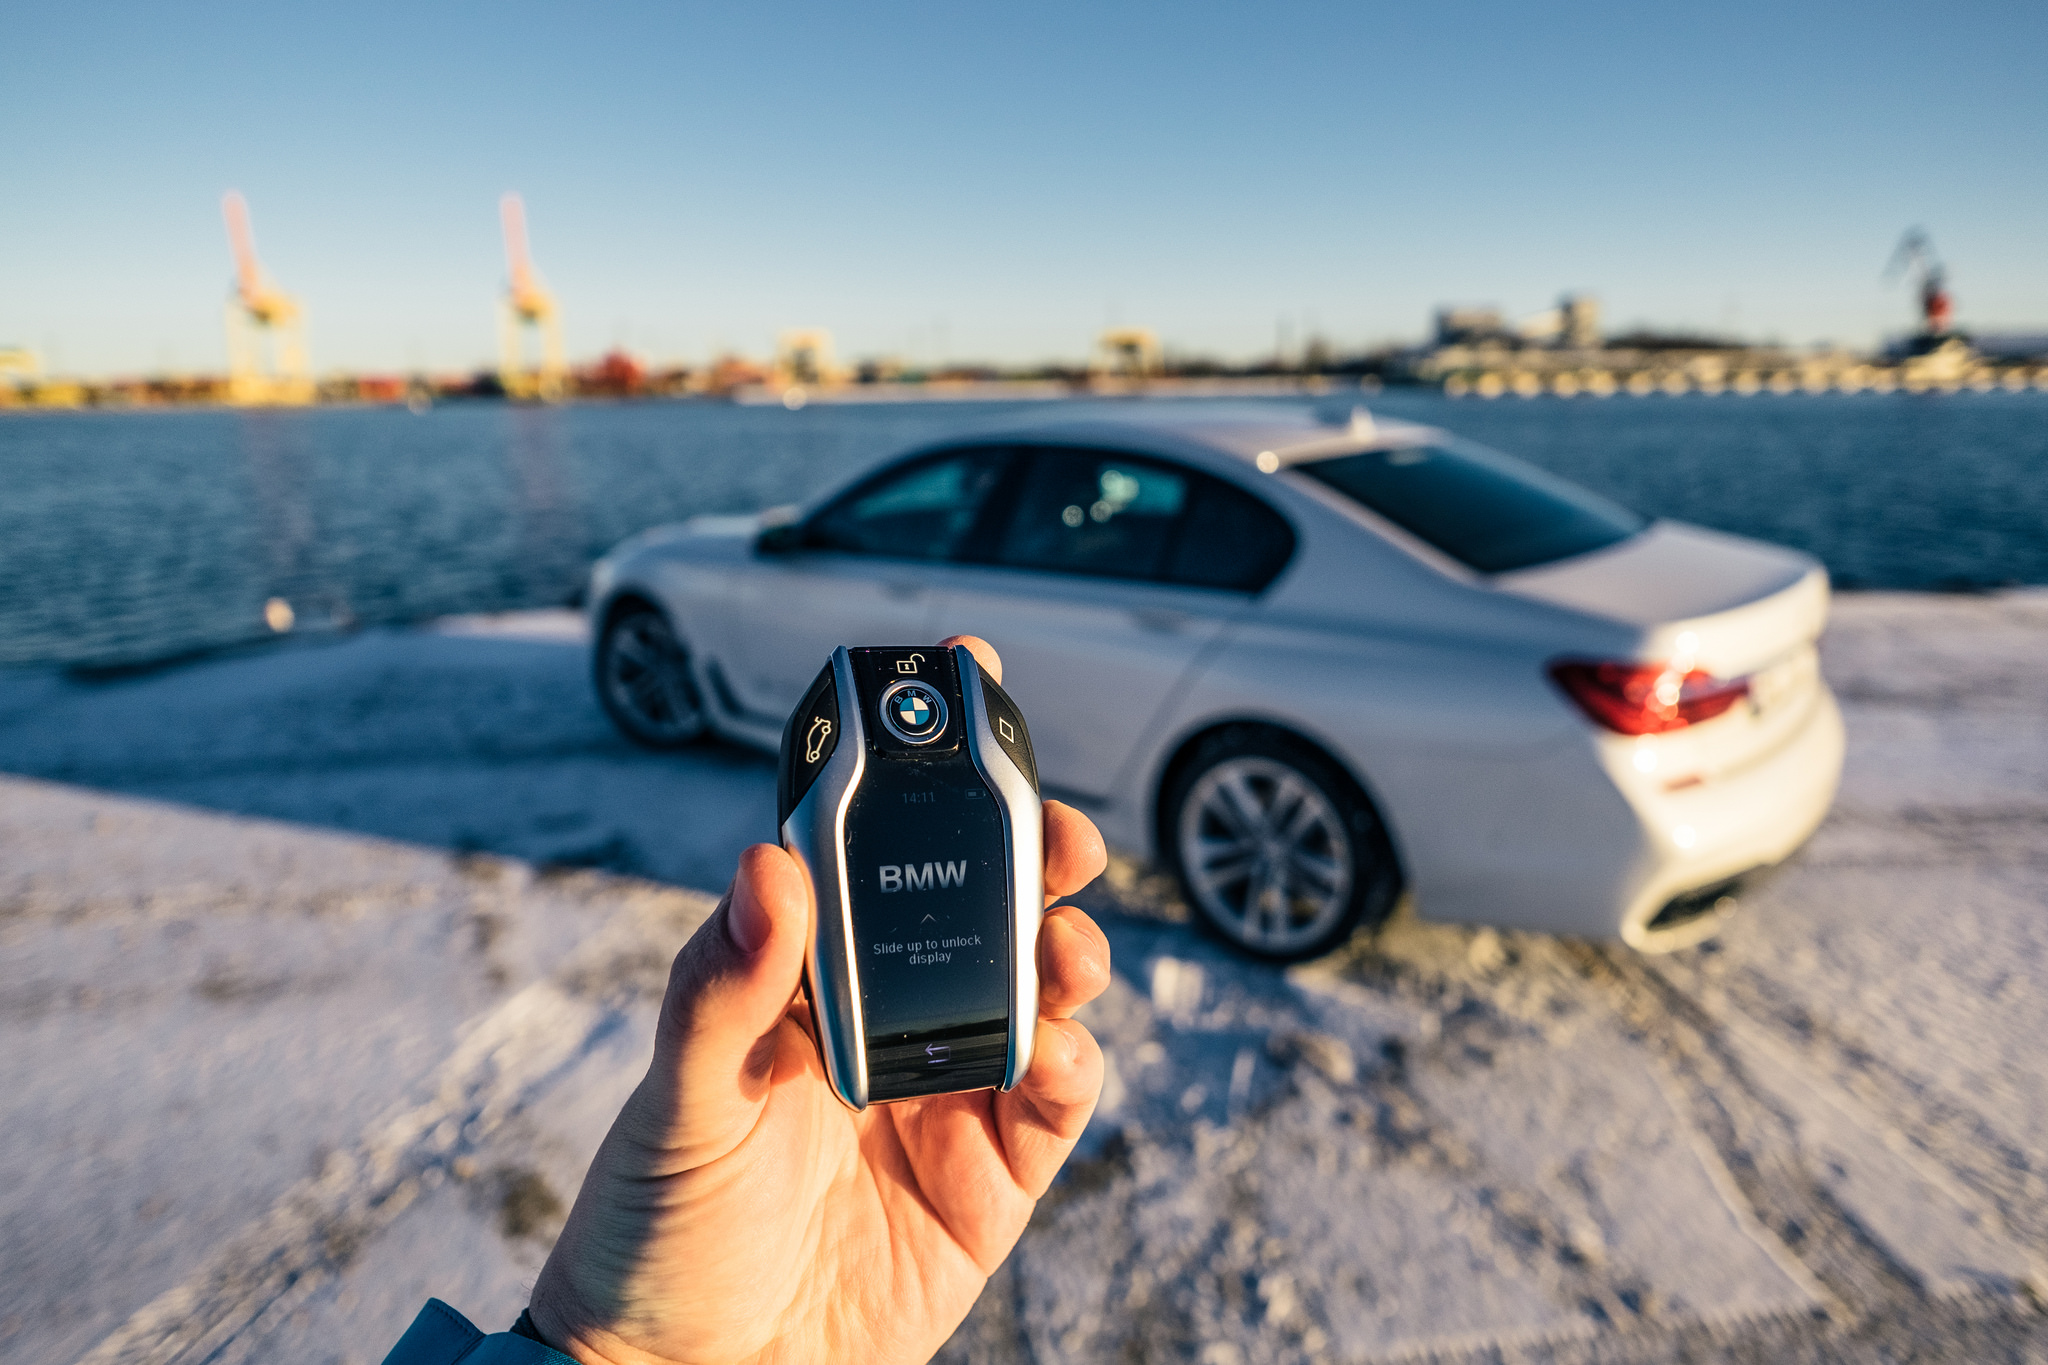 BMWの運転支援システム